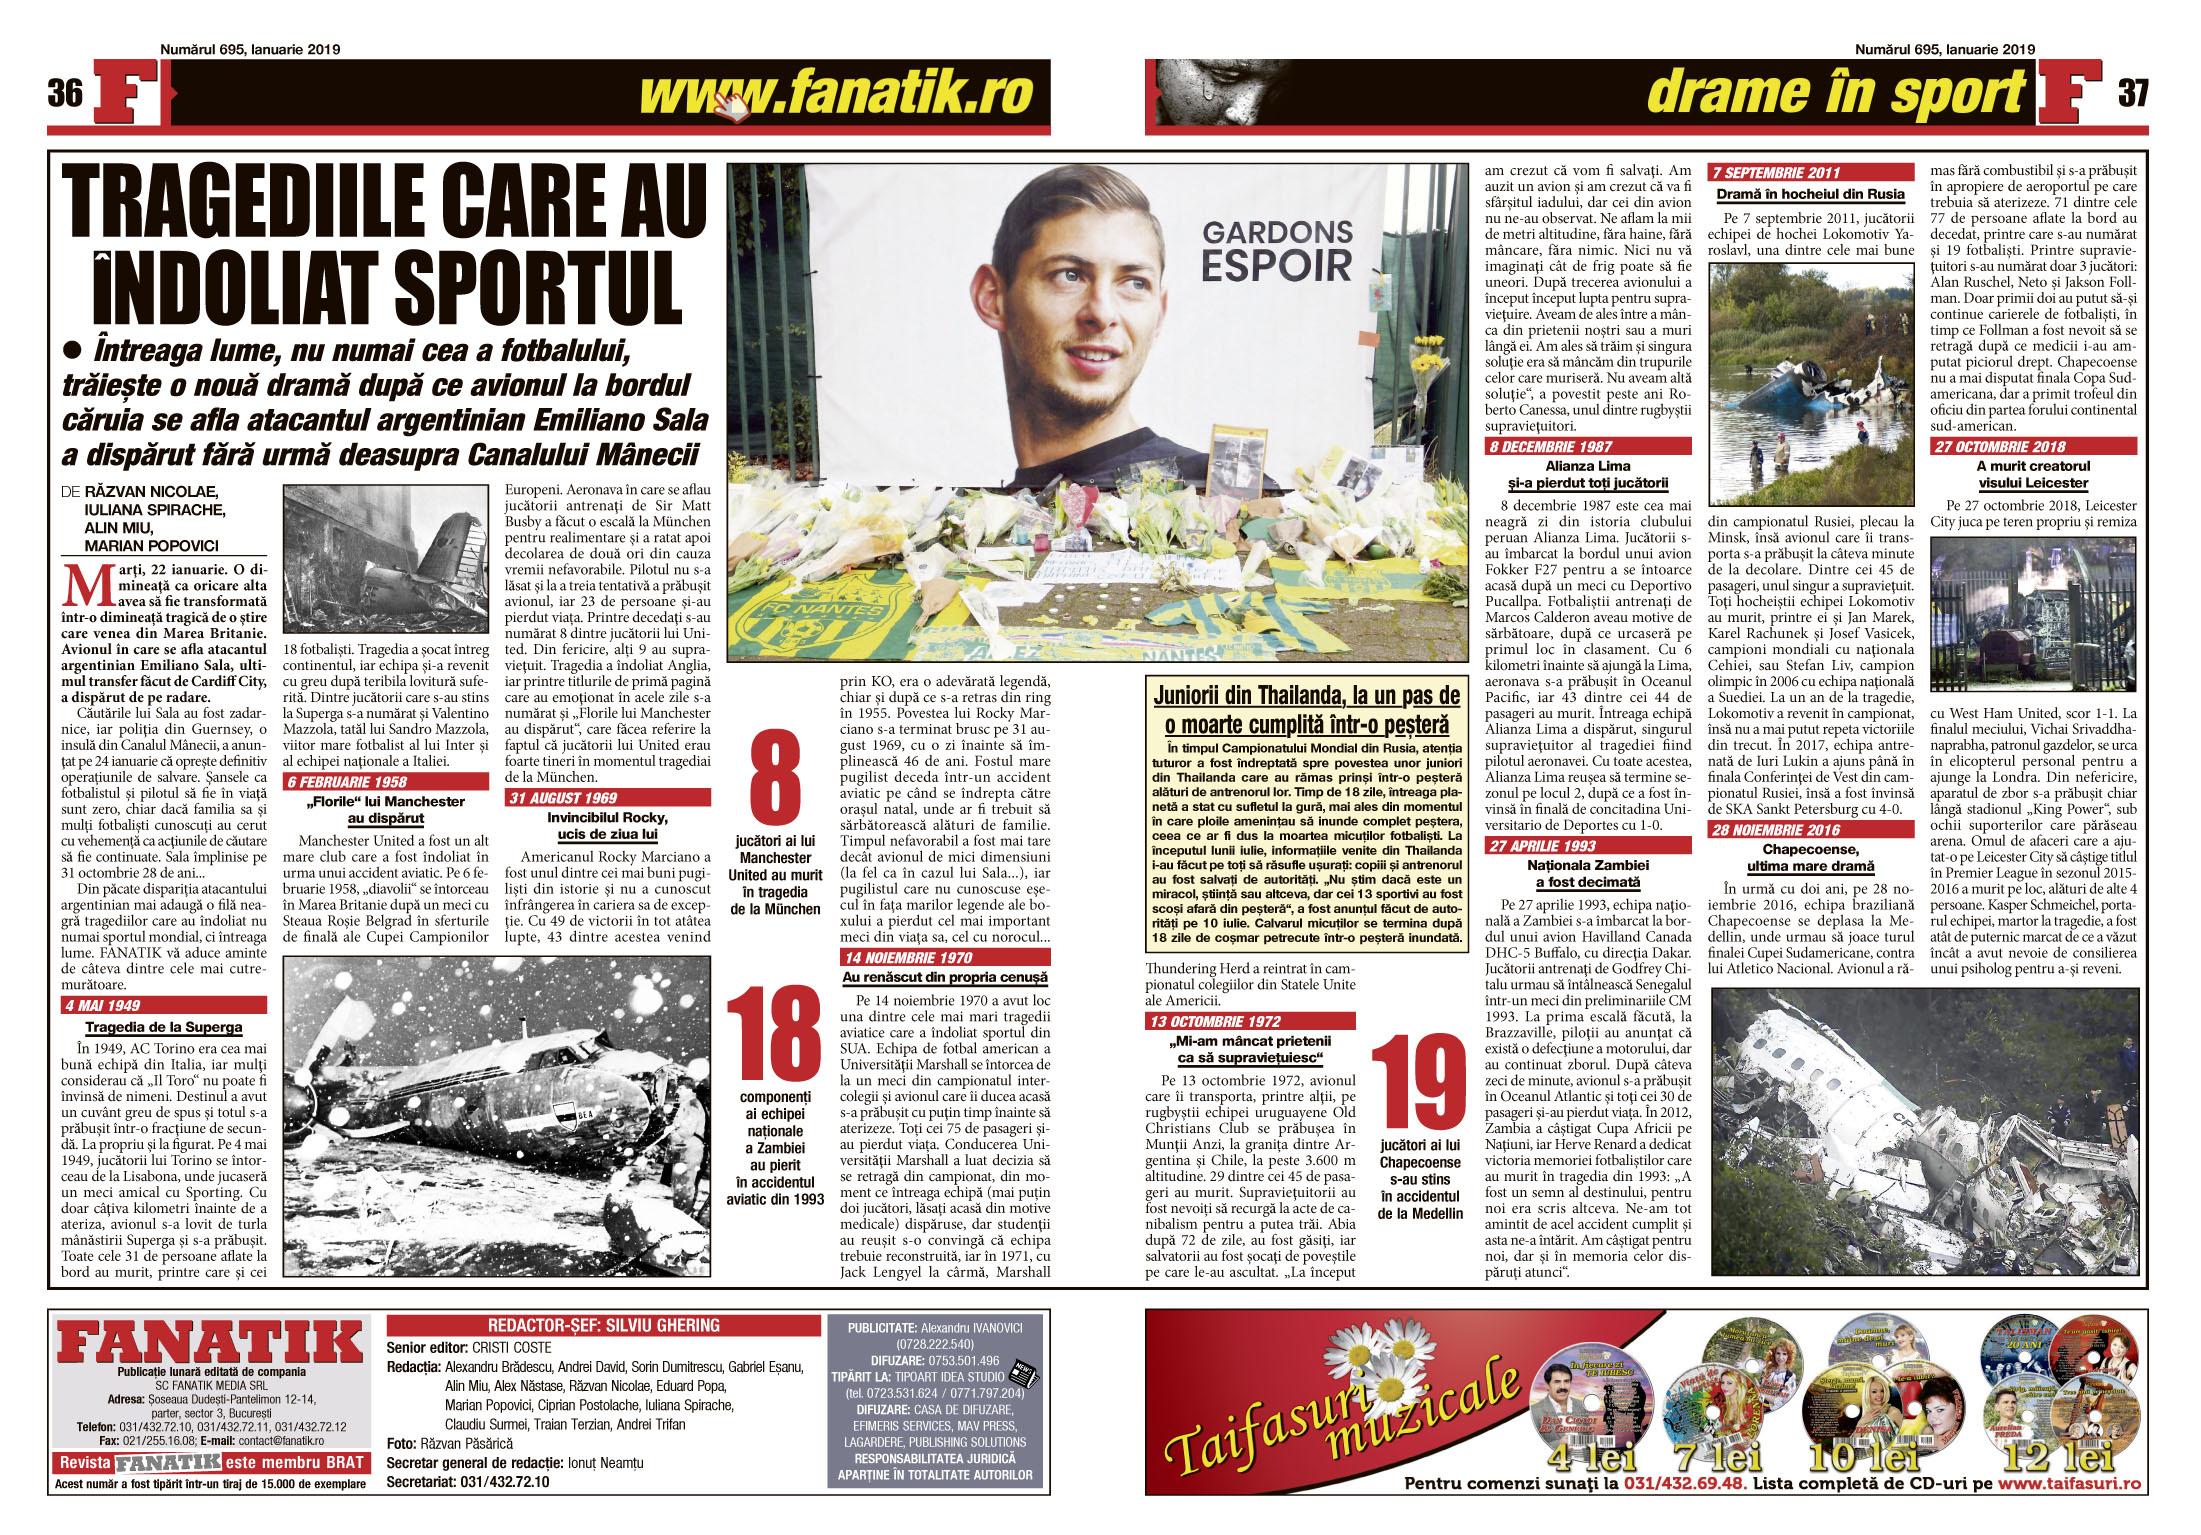 Revista FANATIK din ianuarie vă amintește cumplitele tragedii care au precedat dispariția dramatică a argentinianului Emiliano Sala, al cărui avion a fost găsit la 35 de metri adâncime în Canalul Mânecii